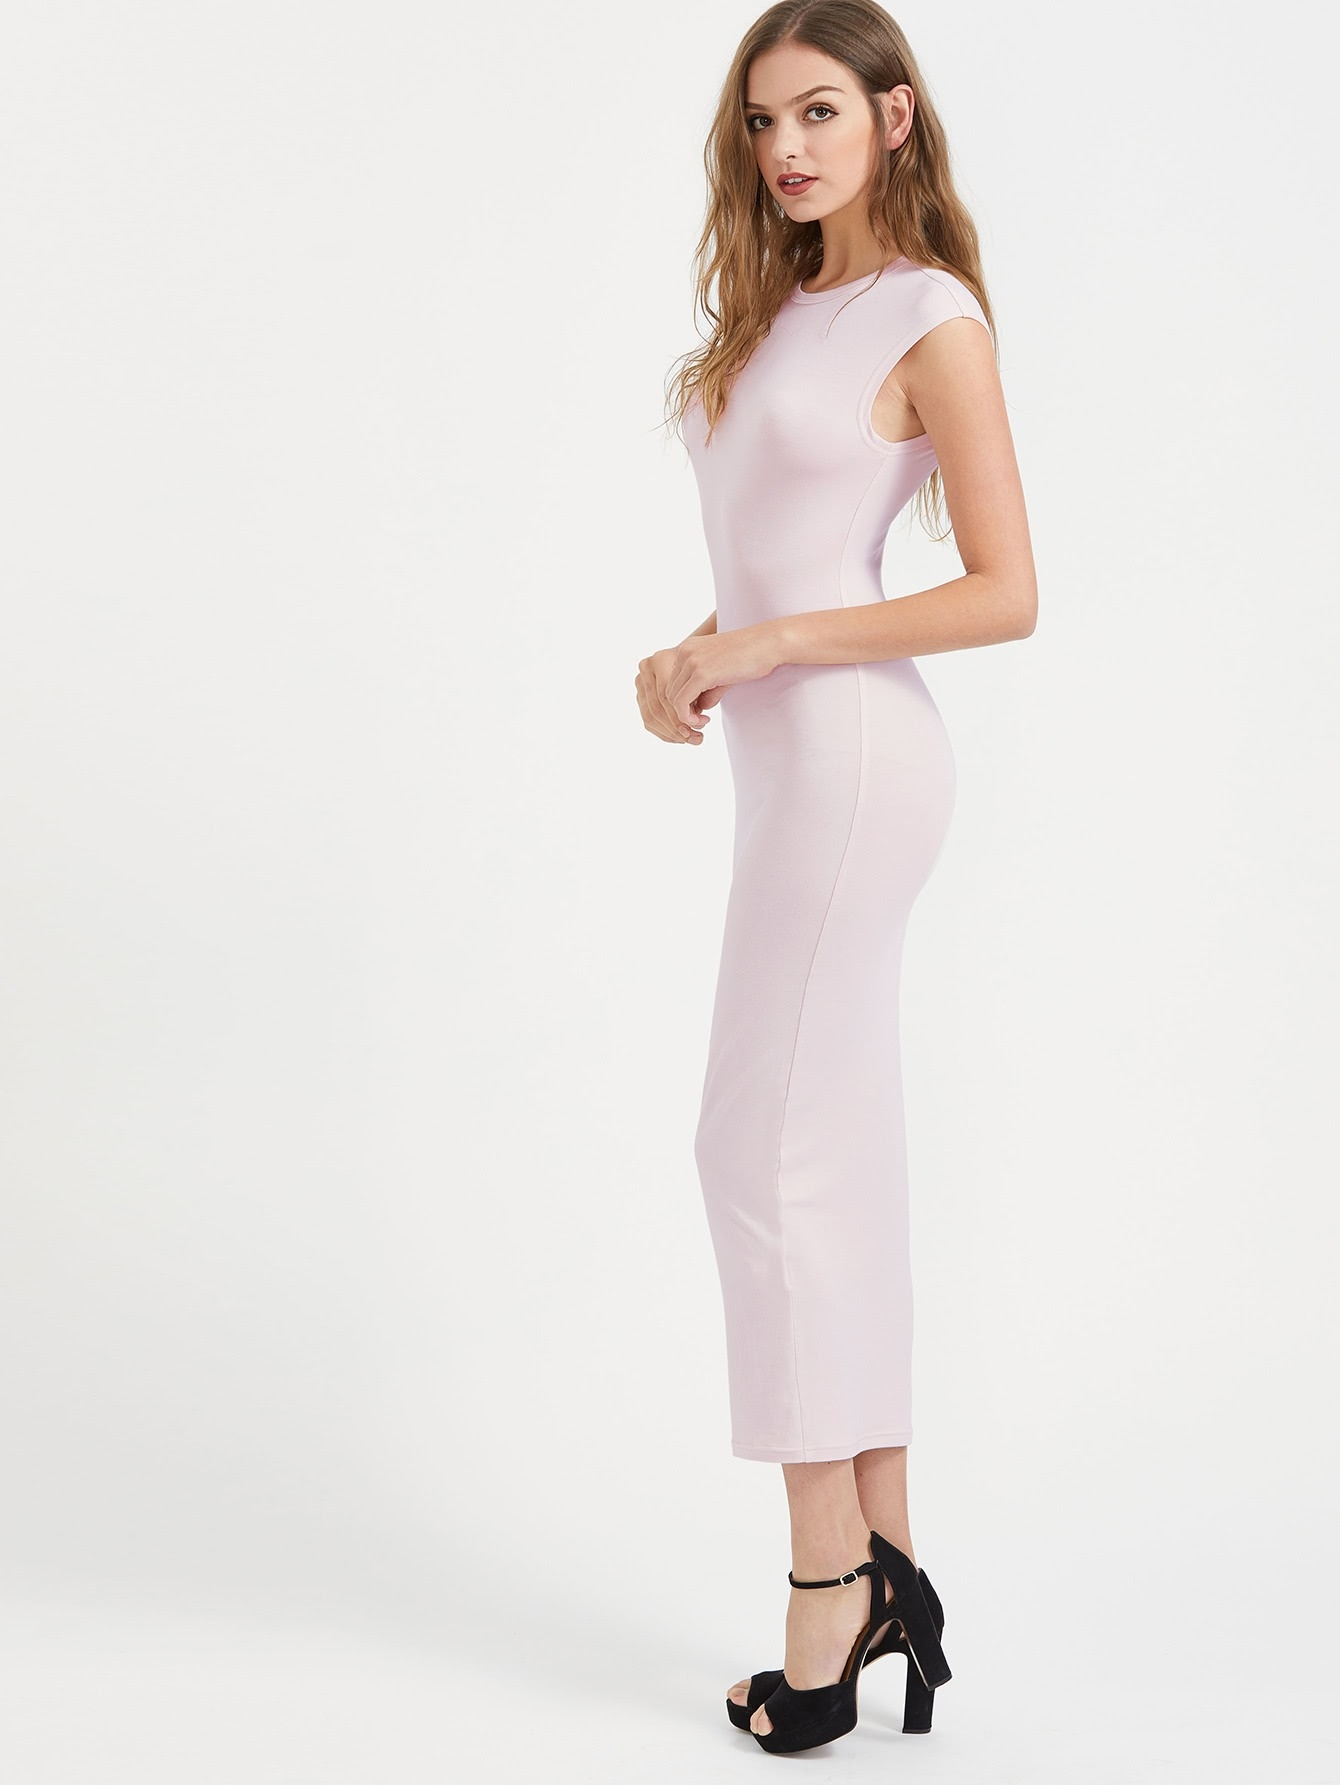 20 Einfach Kleid Beige Lang Boutique15 Leicht Kleid Beige Lang Stylish